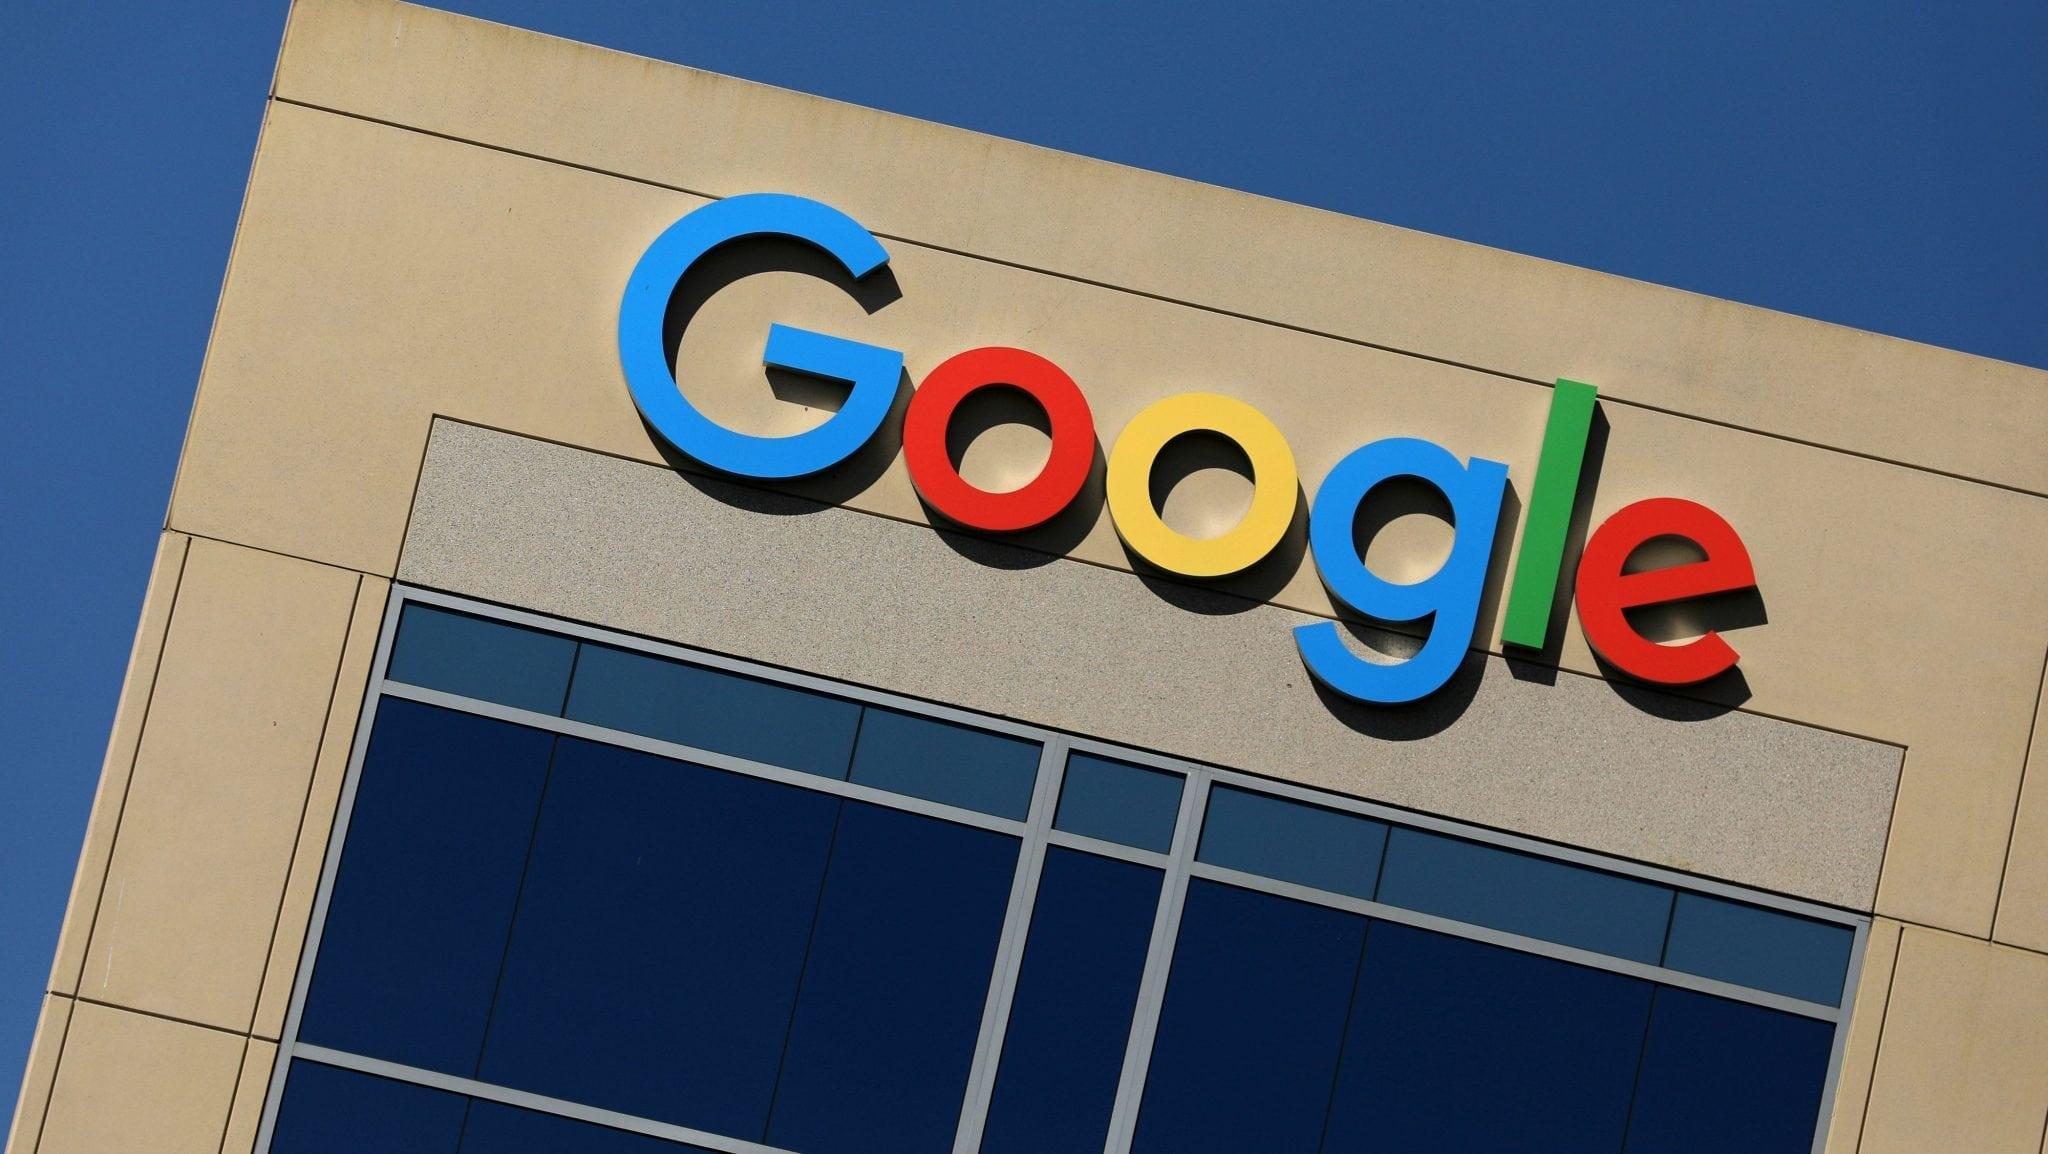 google tarafindan desteklenen kripto paralar